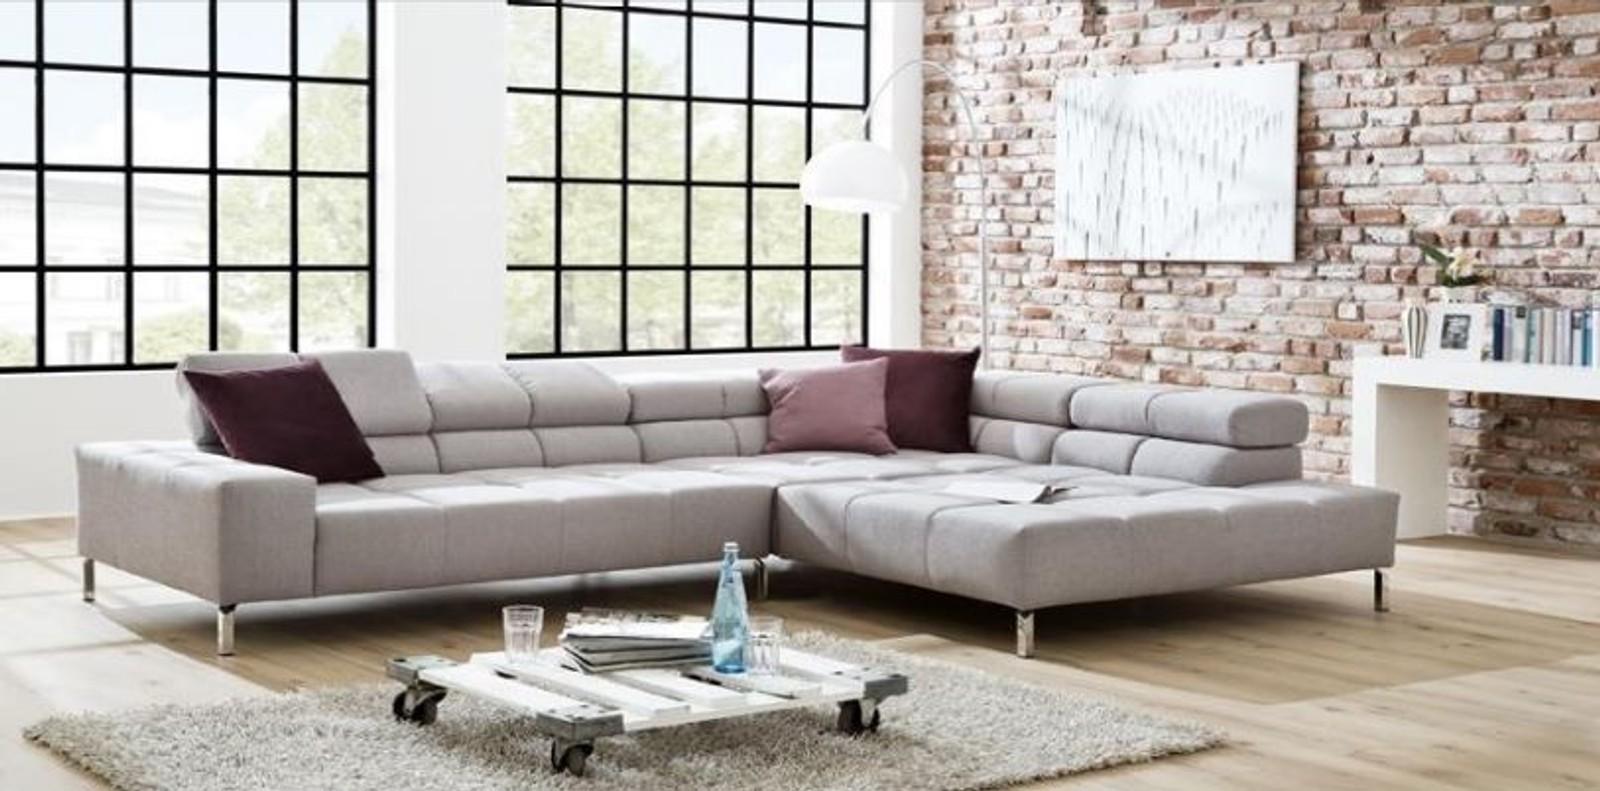 Full Size of Großes Ecksofa Sofa Bezug Mit Ottomane Garten Bett Bild Wohnzimmer Regal Wohnzimmer Großes Ecksofa